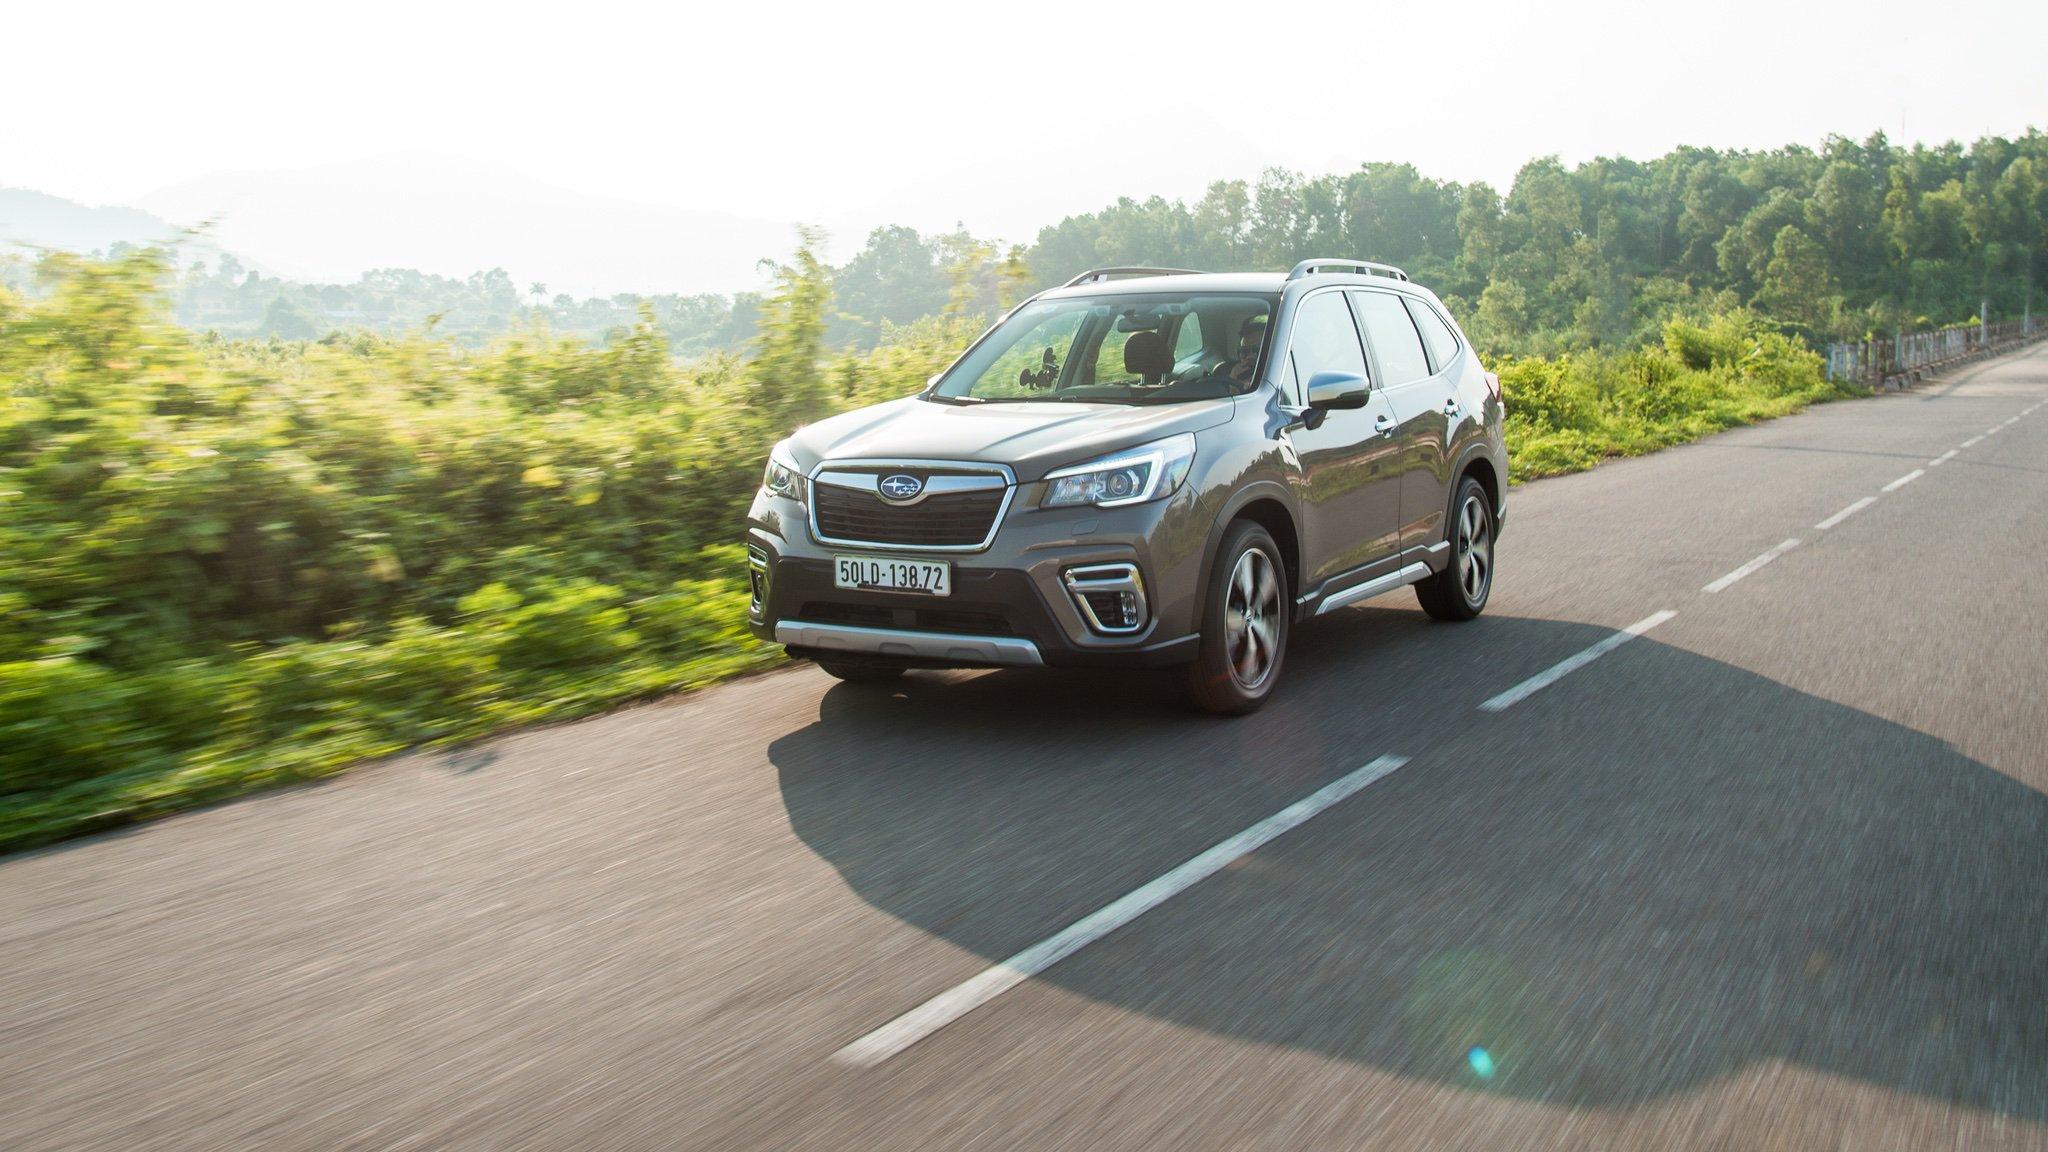 Subaru tung nhiều ưu đãi đặc biệt cho khách hàng dịp cuối năm